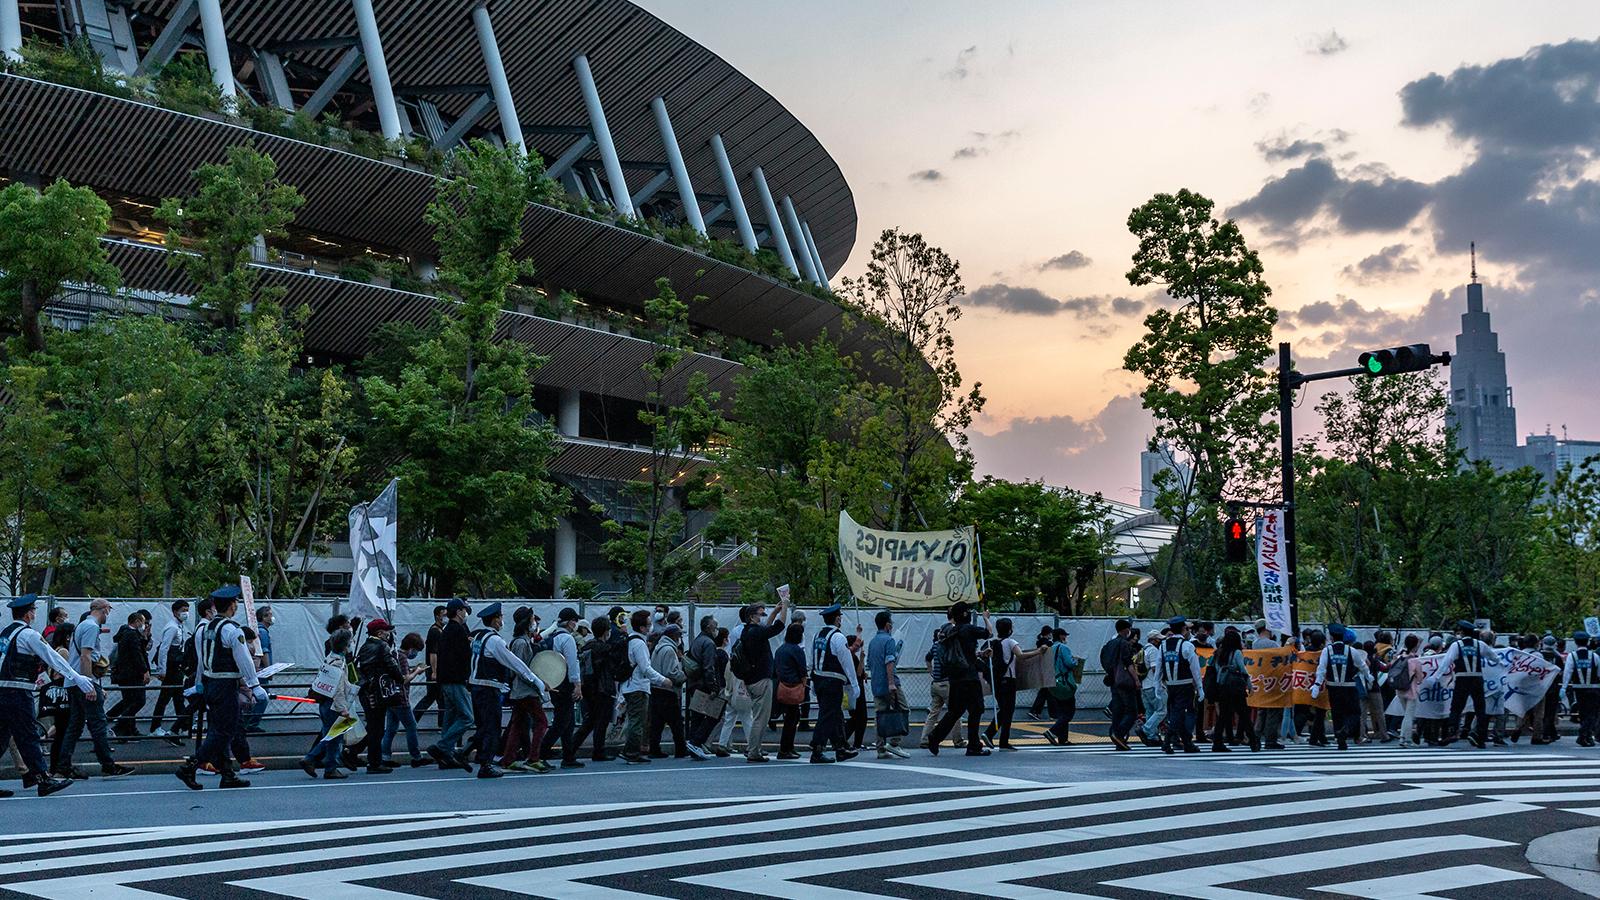 フランス紙が大々的に特集「東京オリンピックはノックアウトか?」 | クーリエ・ジャポン